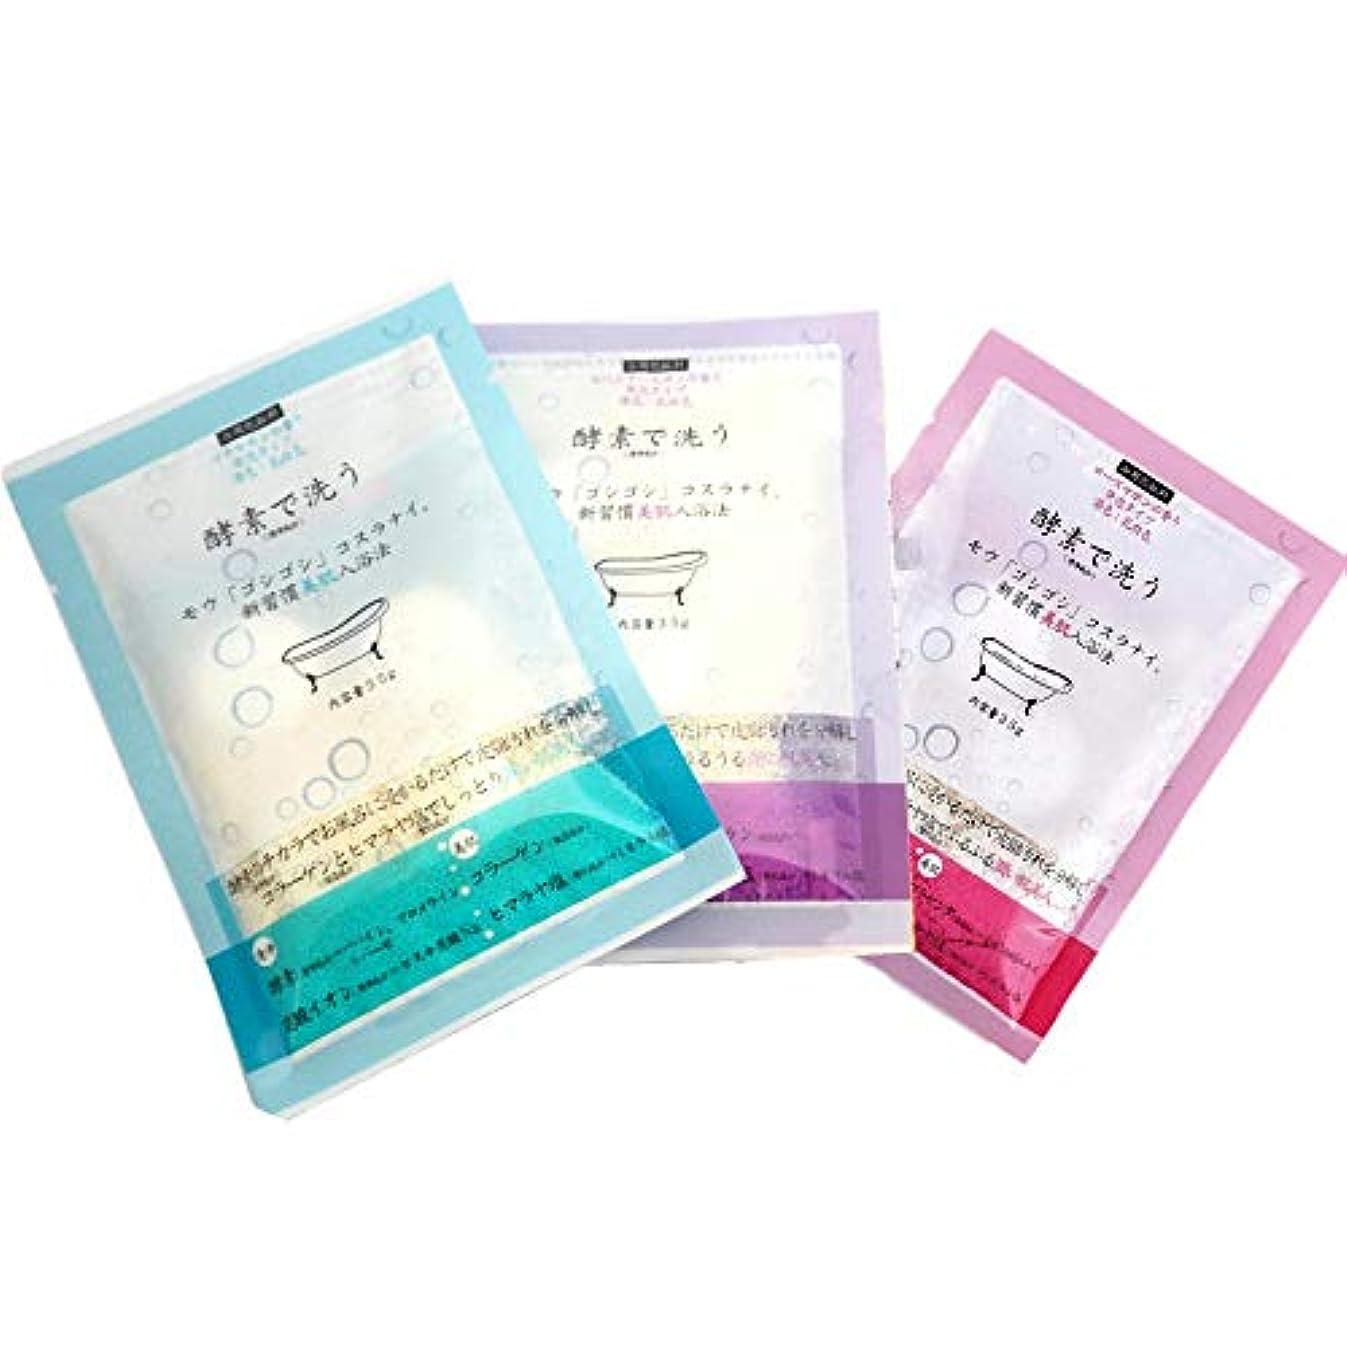 コミュニティ蒸し器自伝ほんやら堂 酵素で洗う入浴料 3種詰め合わせセット 35g×12個入リ(プチセボン、ローズセボン、ラベンダー)